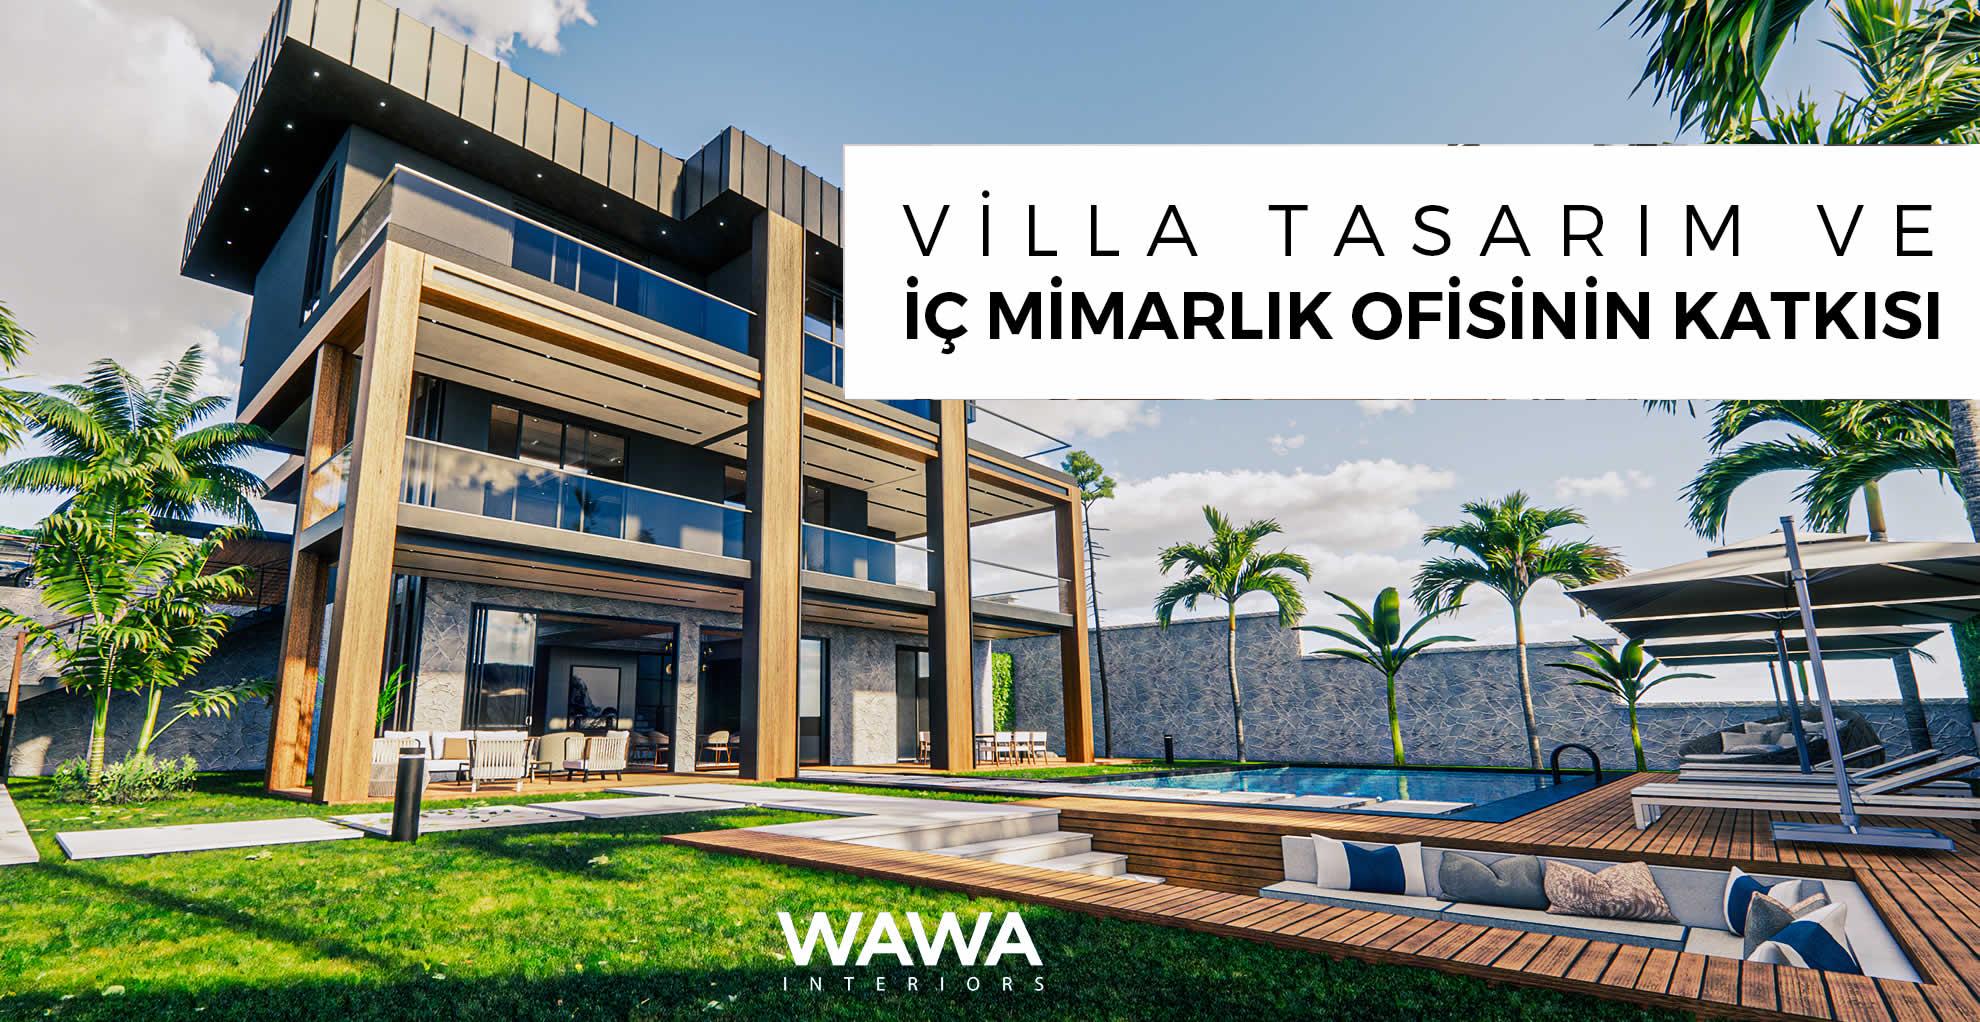 Villa Tasarım ve İç Mimarlık Ofisinin Katkısı